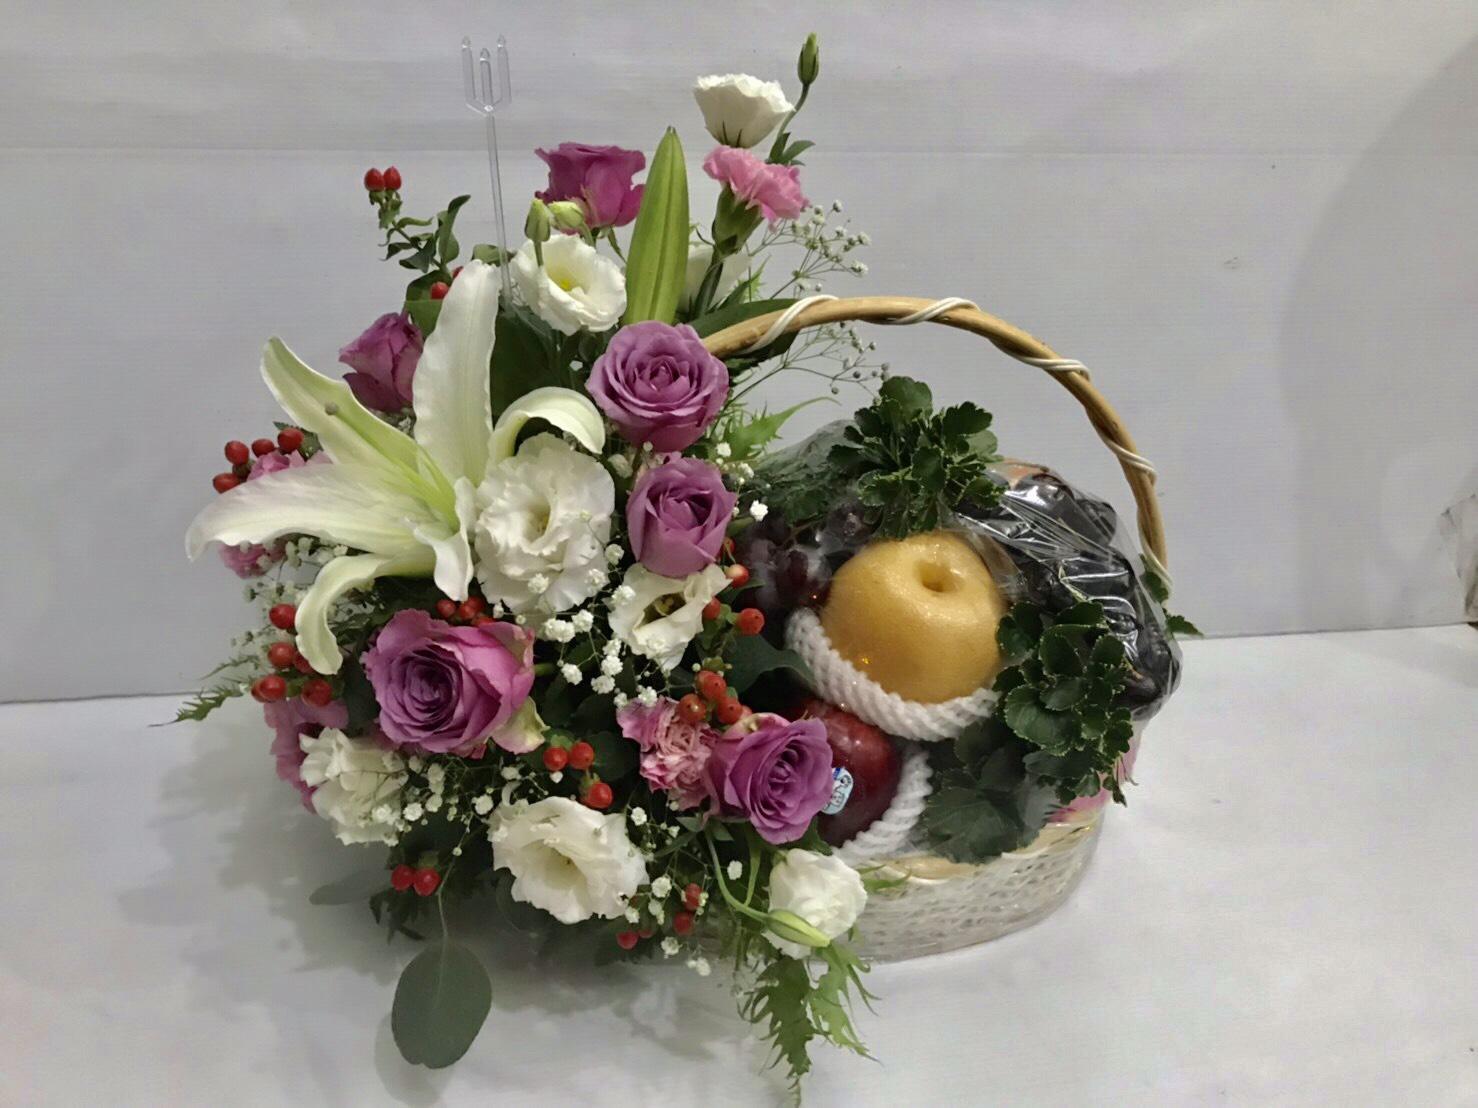 กระเช้าผลไม้ดี ๆ มีผลไม้สดใหม่ตามฤดูกาล ประดับตกแต่งด้วยดอกไม้สดค่ะ